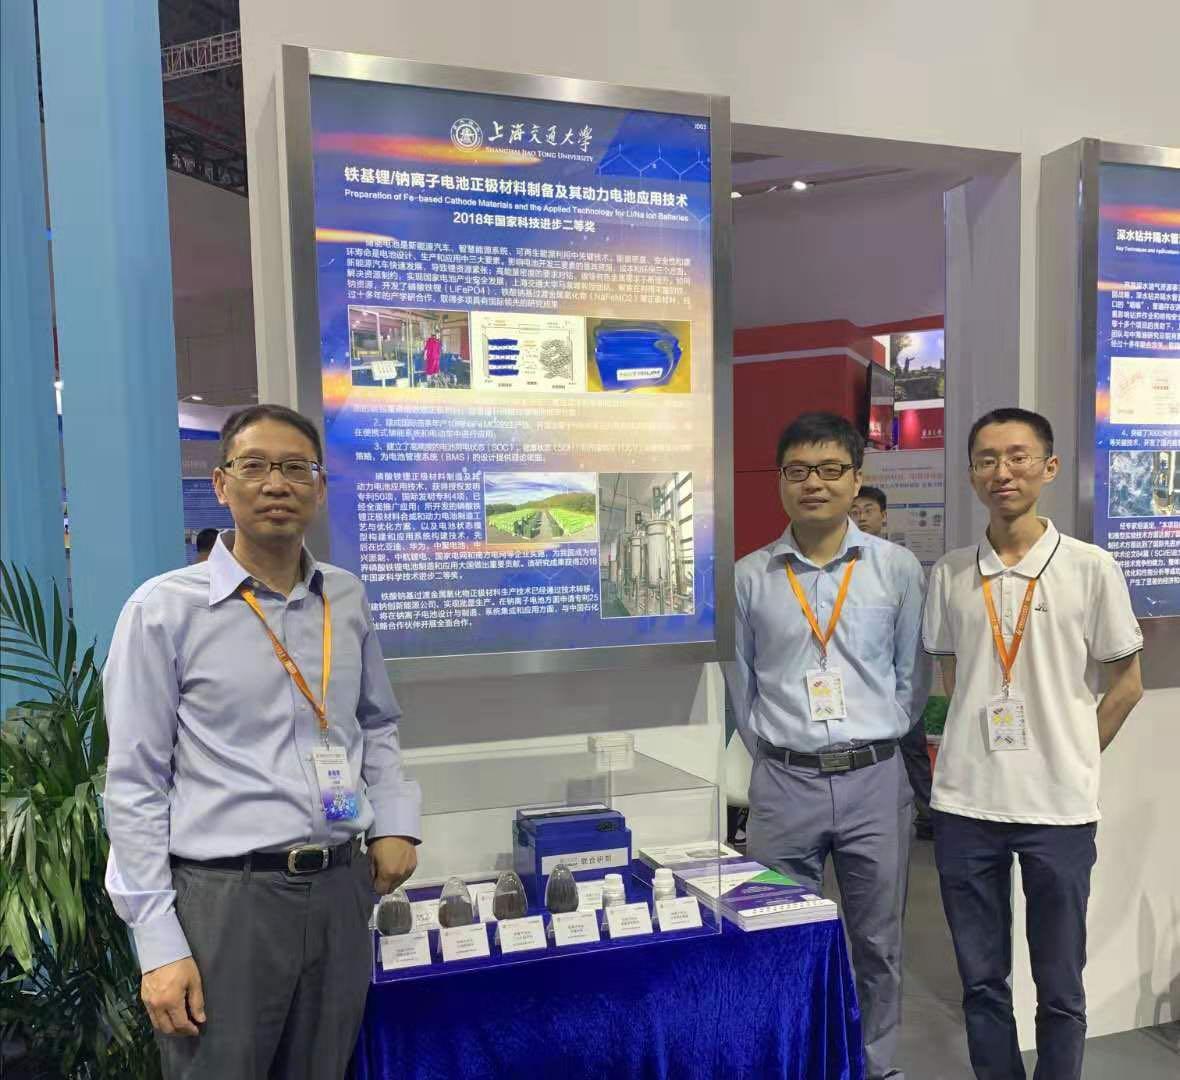 钠创新能源成果亮相中国国际工业博览会